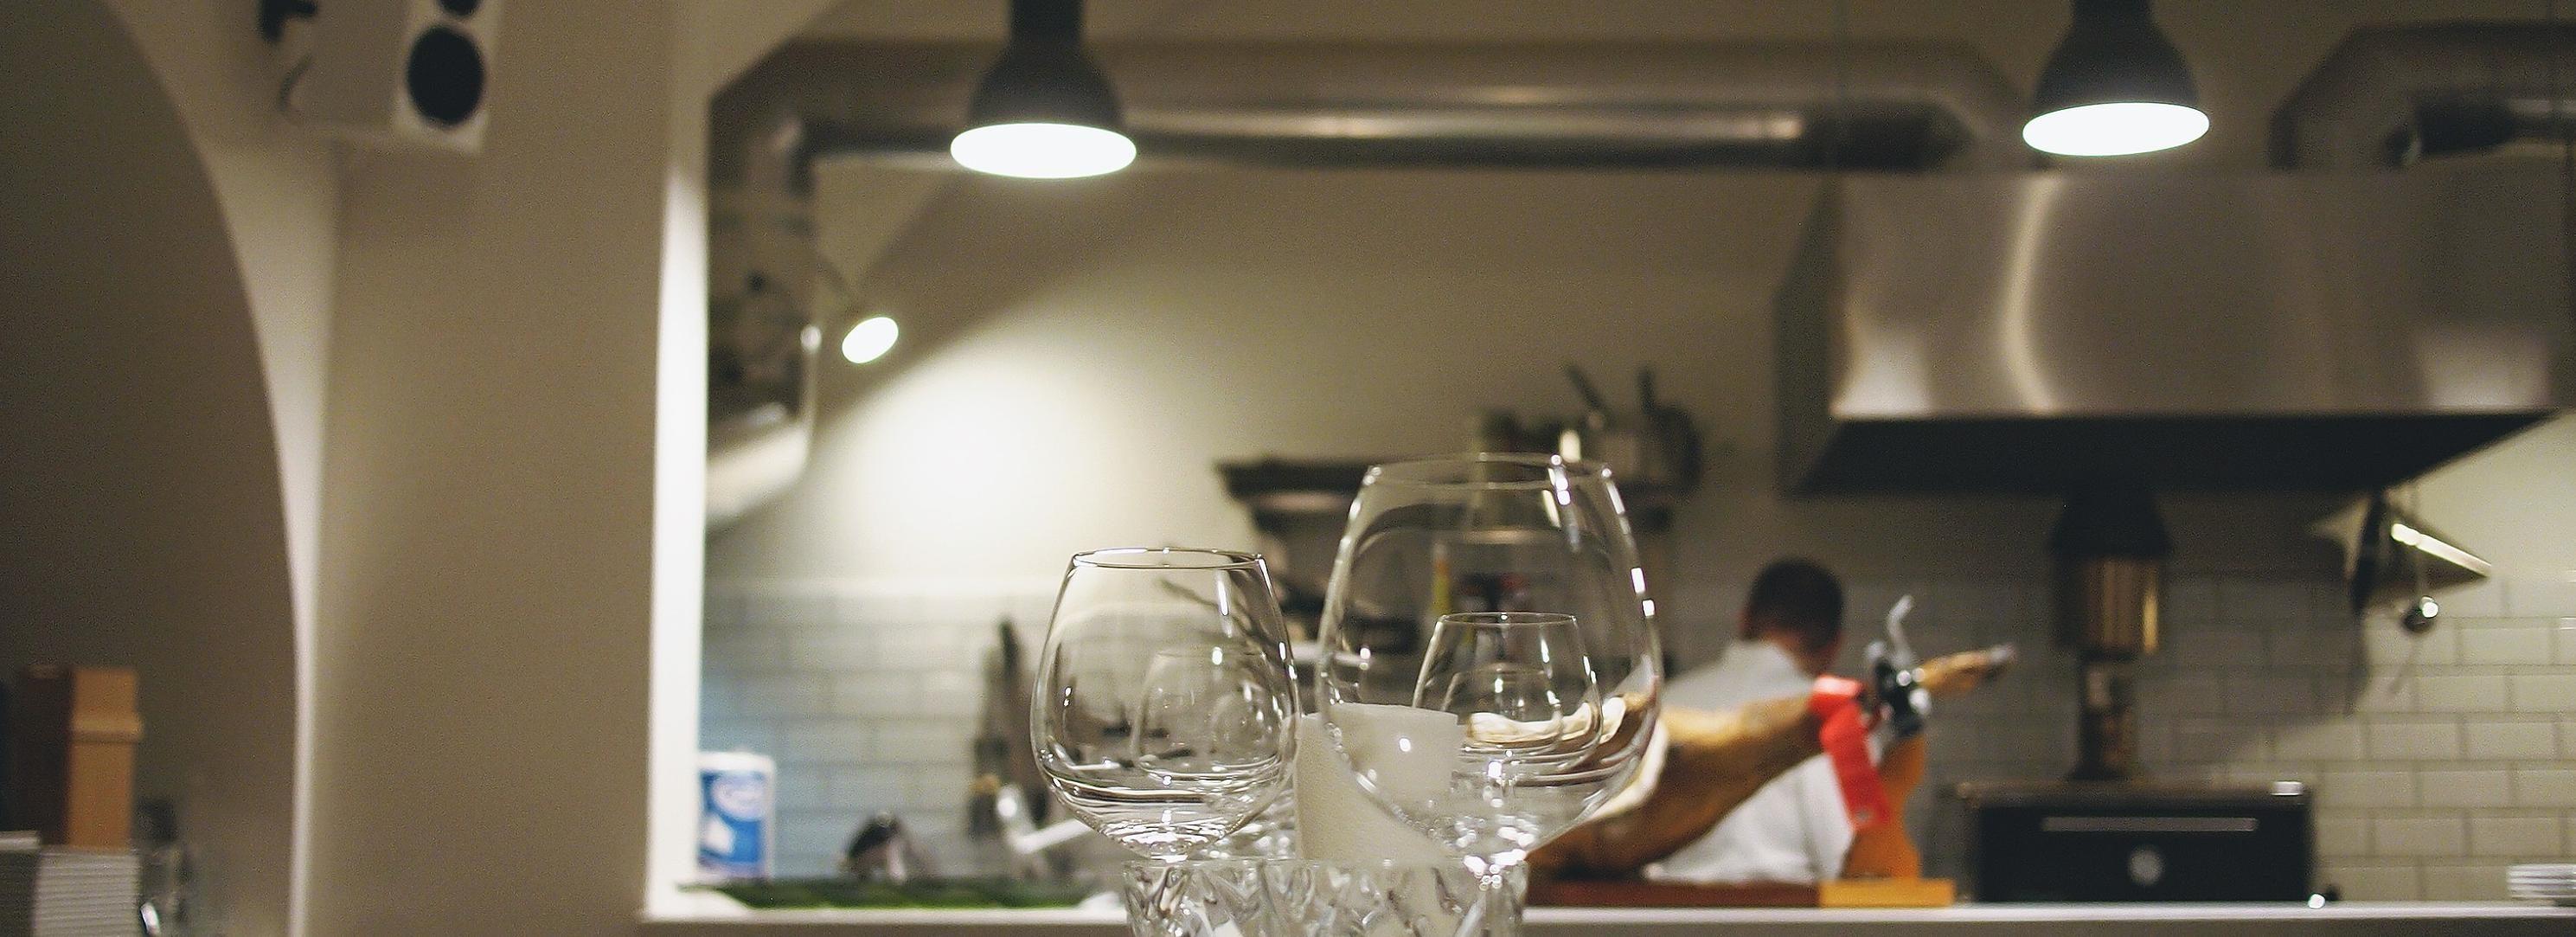 Imagen gratis: Cocina, utensilios de cocina, cristal, muebles ...